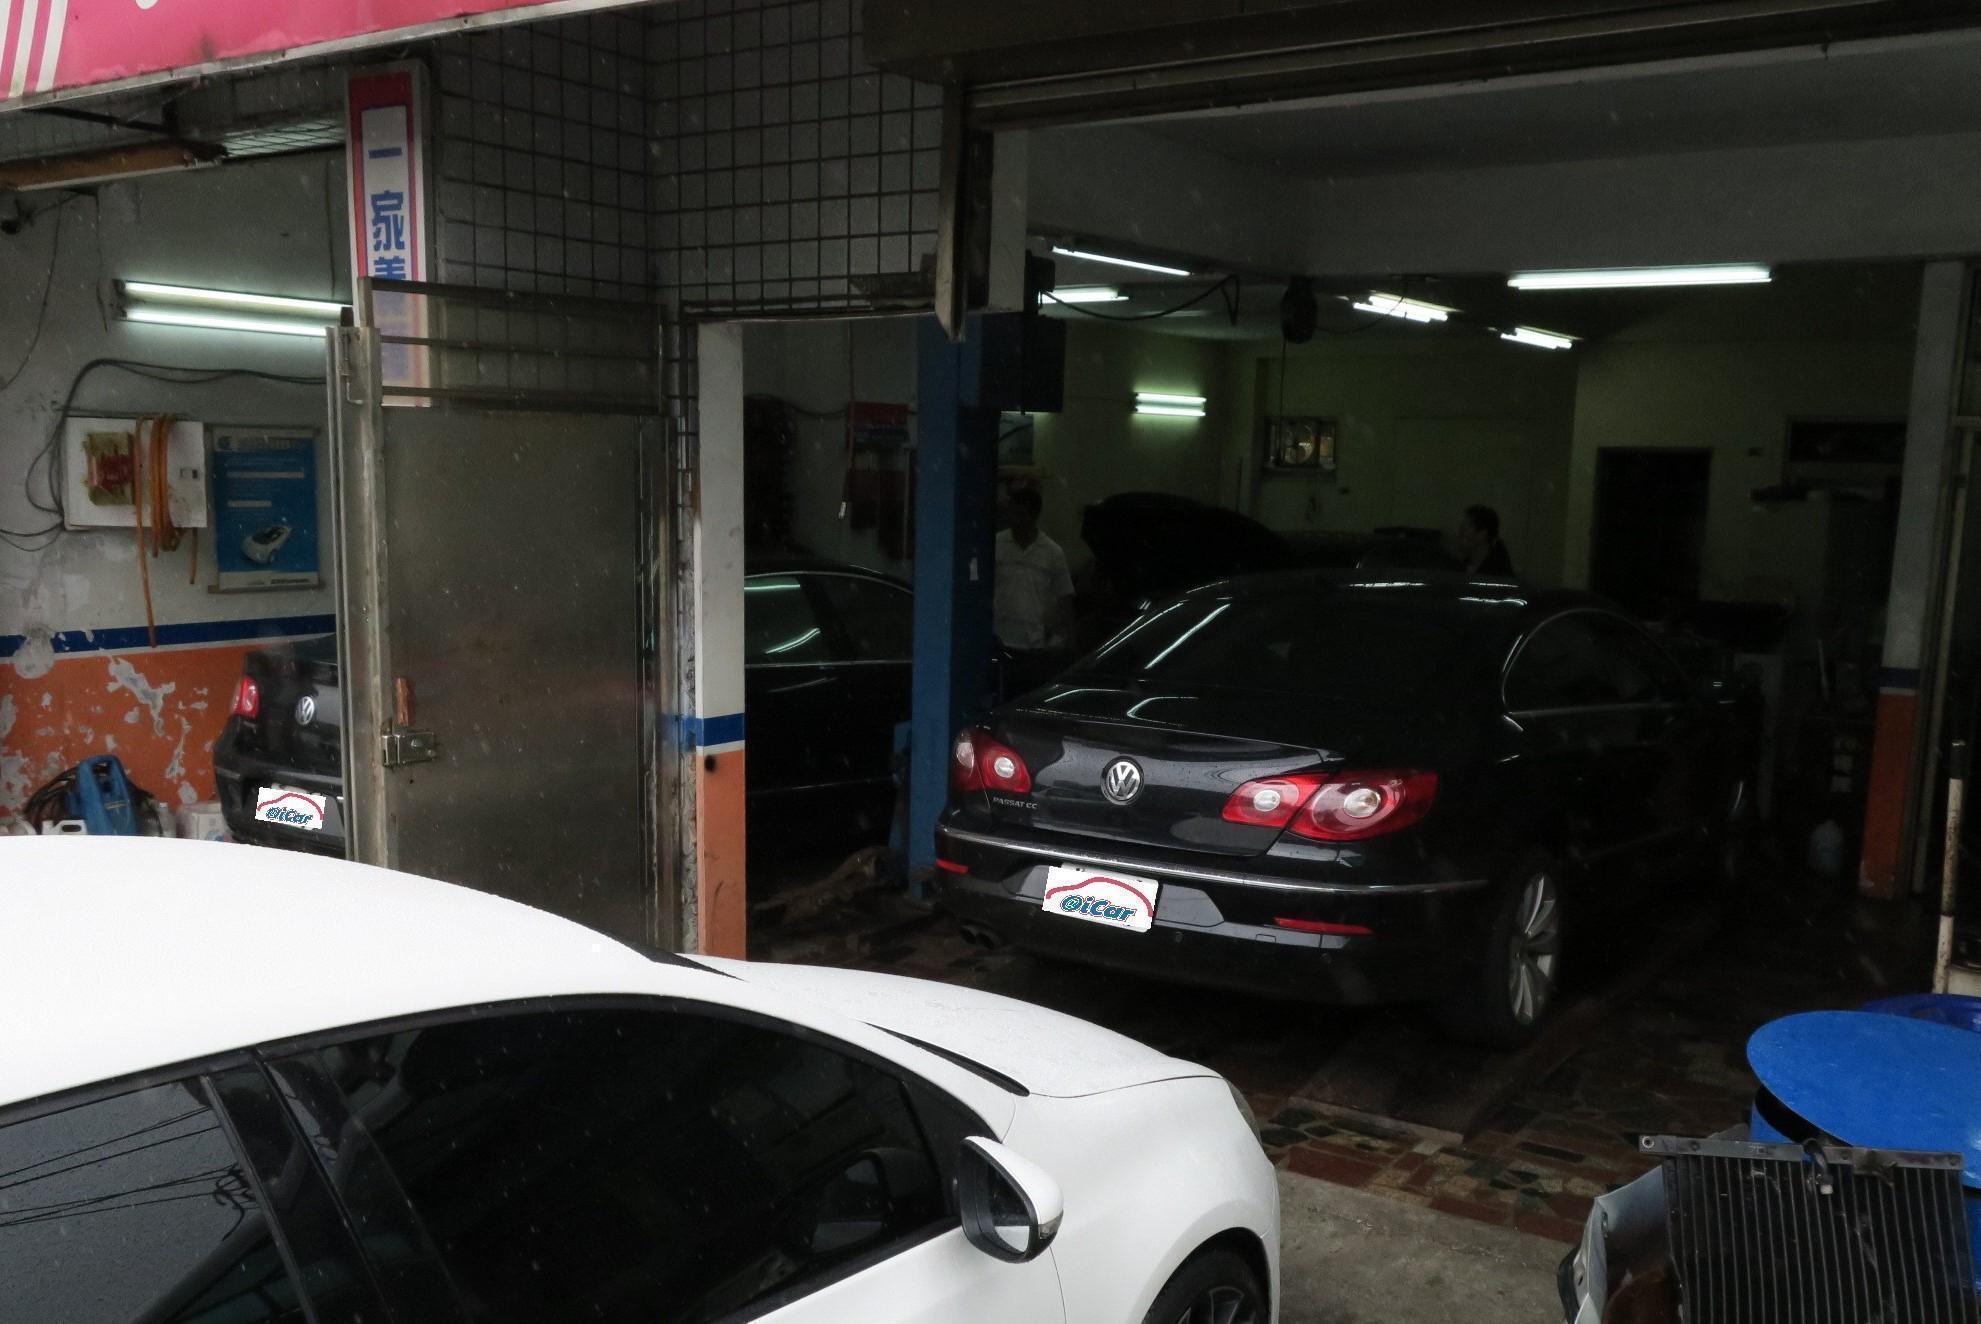 豪德汽車廠房內部可停放三輛保修車輛外部四台,廠地使用上可算相當充裕。